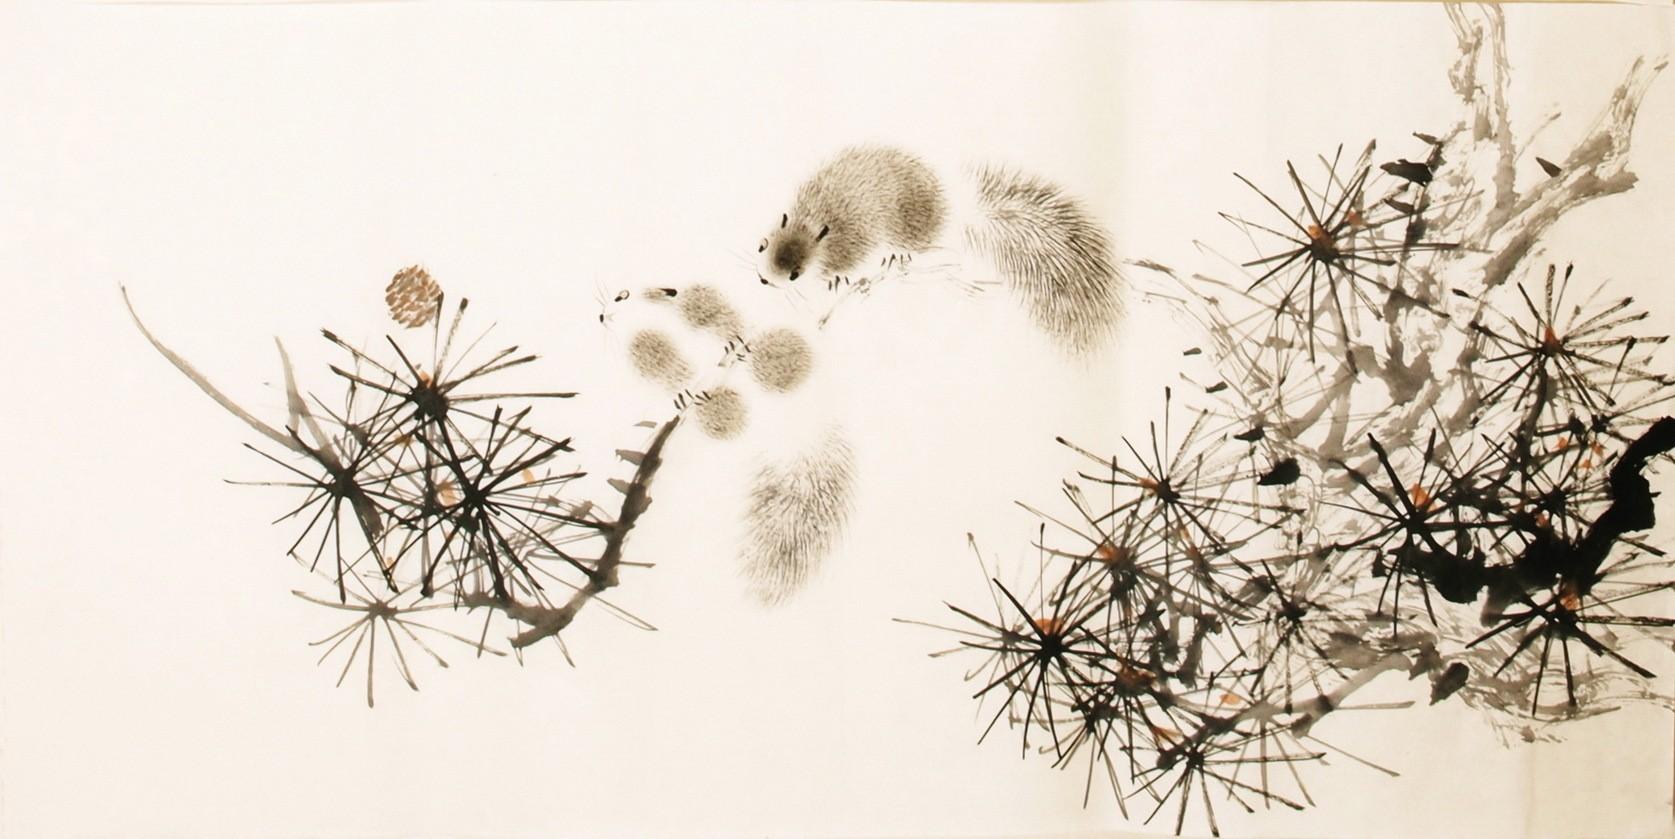 Squirrels - CNAG003544